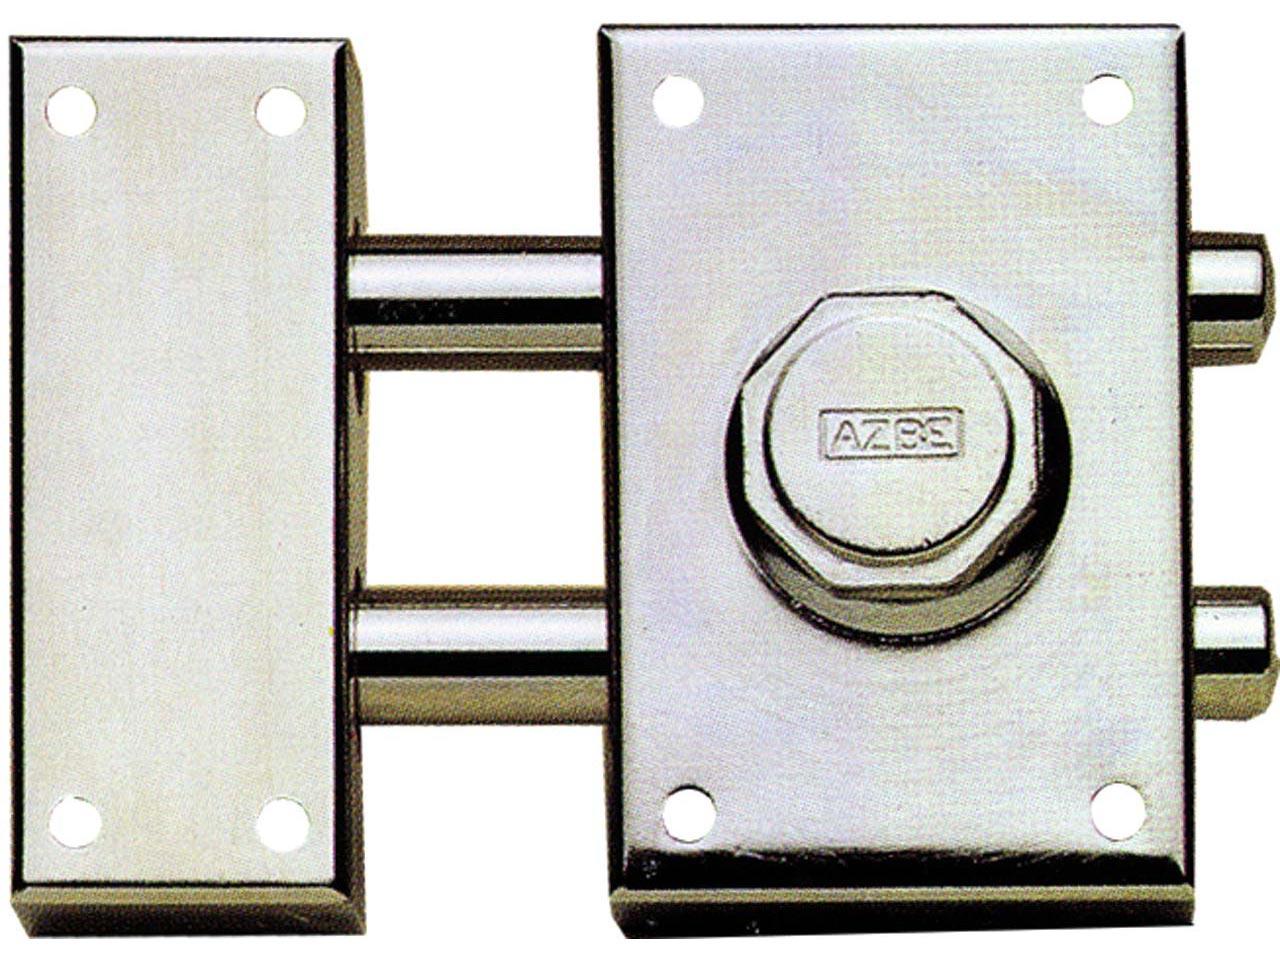 Sufersa cerrojo azbe de seguridad mod 16 - Cerrojos con llave ...